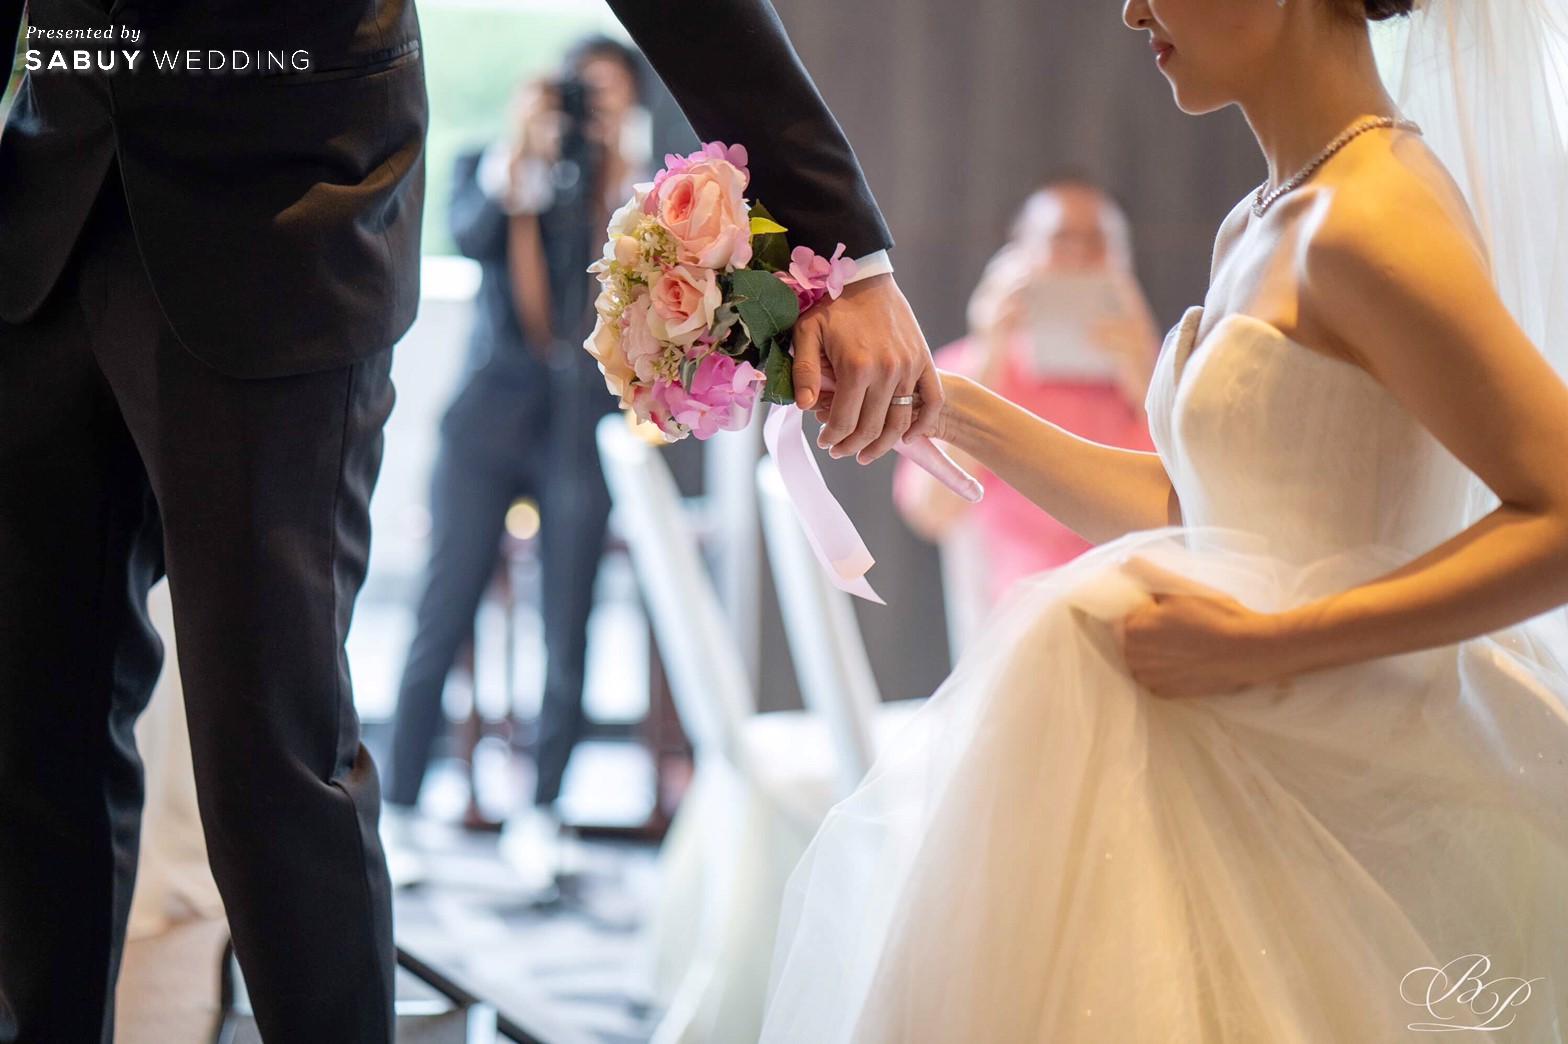 ดอกไม้เจ้าสาว,ชุดแต่งงาน,ชุดเจ้าสาว รีวิวงานแต่ง Backdrop สวนสวย ด้วยห้องจัดเลี้ยงแสงธรรมชาติ @ Bliston Suwan Park View Hotel